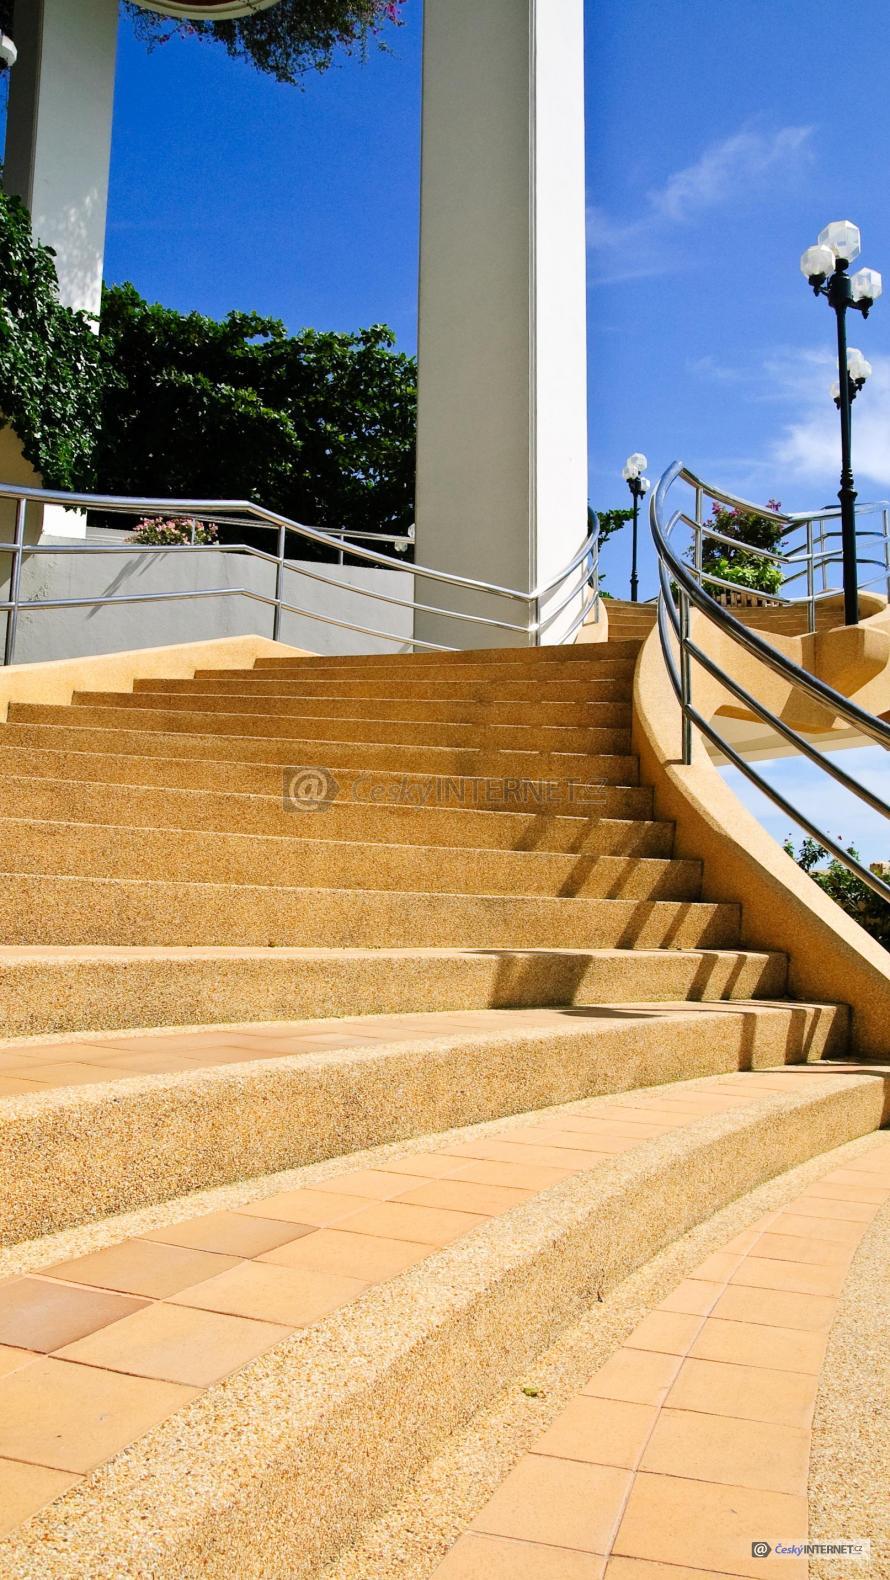 Venkovní schodiště vedoucí do domu.